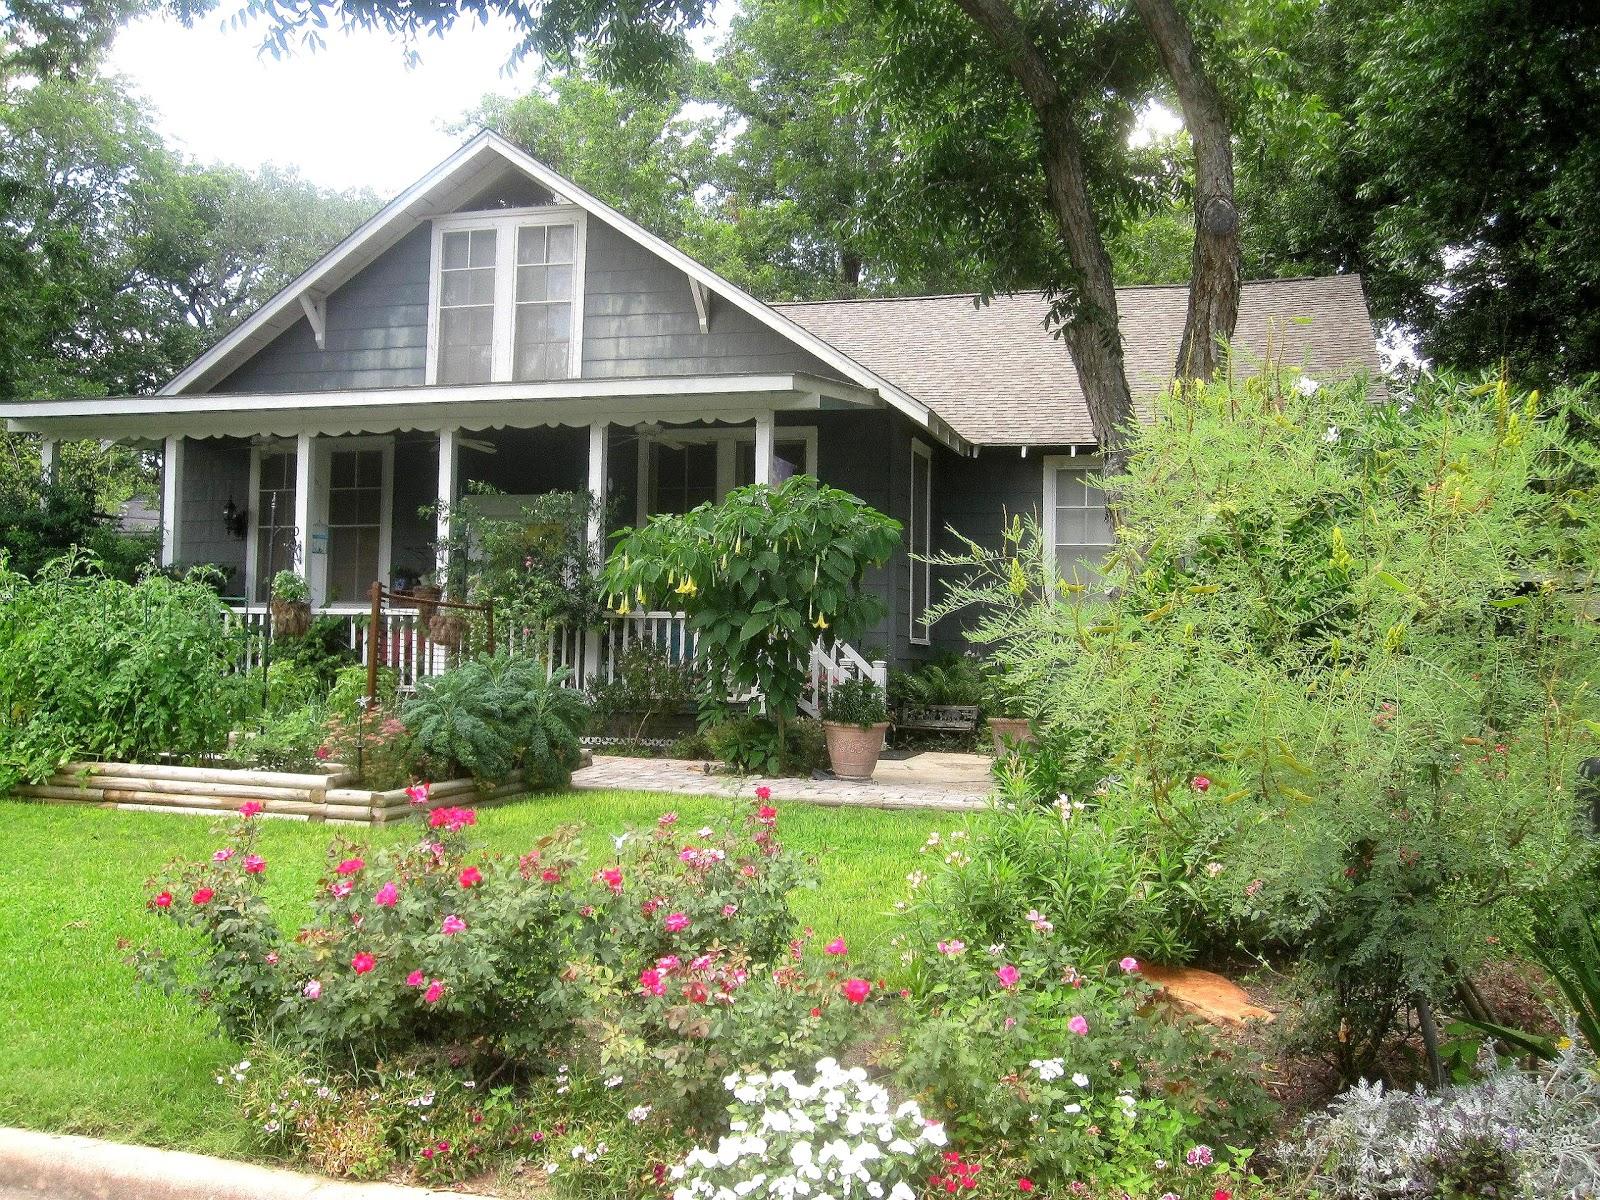 Gorgeous garden ideas perfect home and garden design for Home and garden ideas